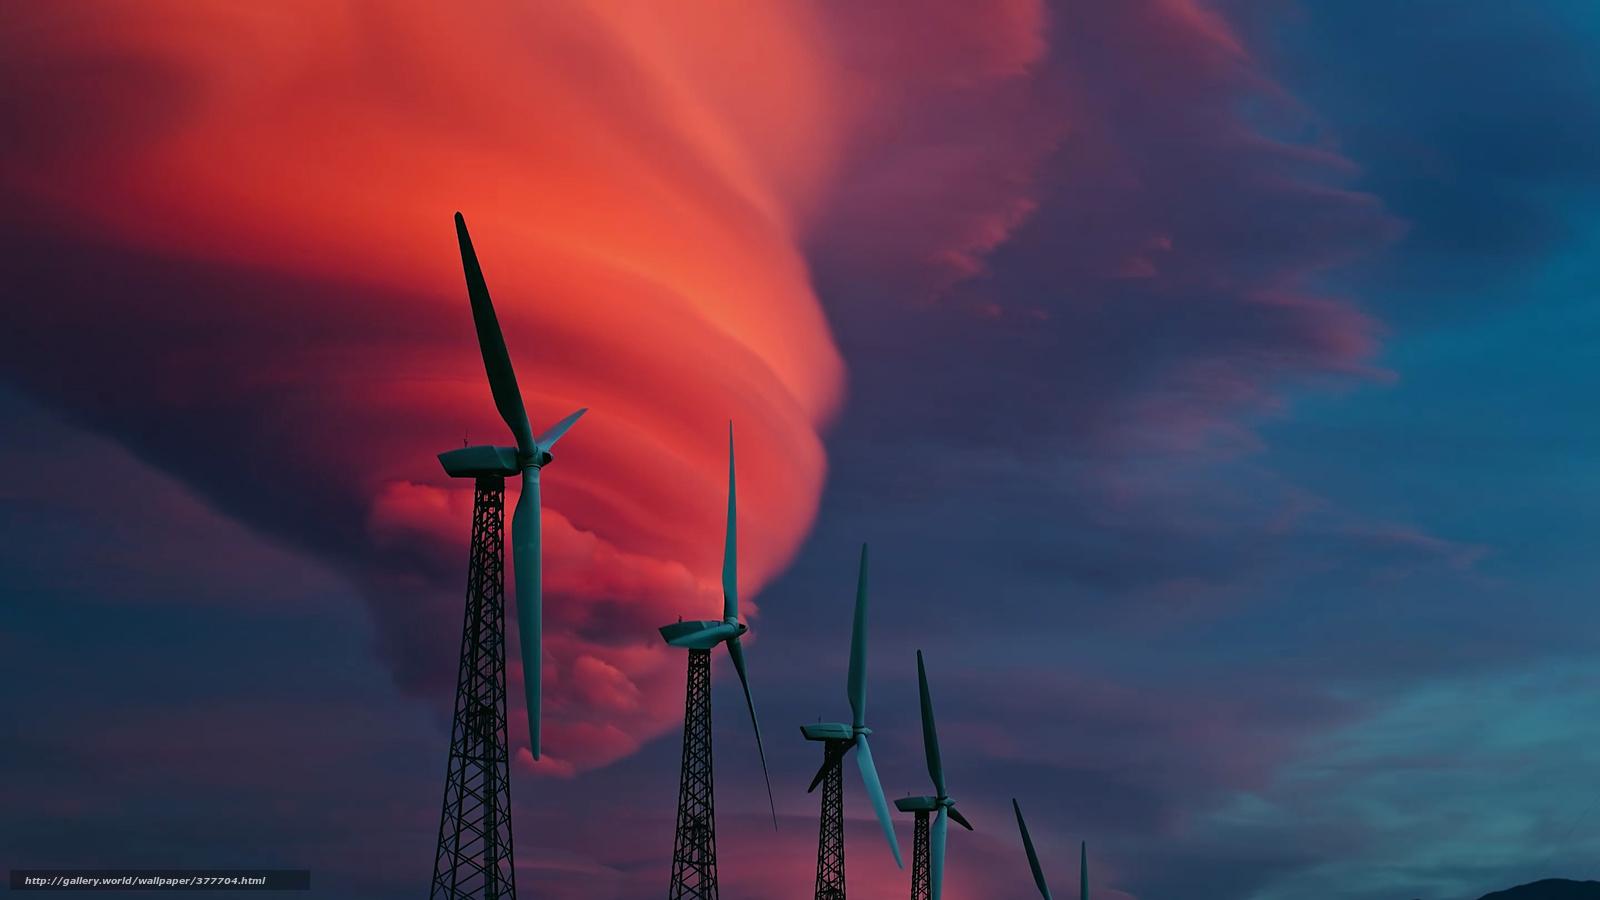 Обои ветряк. Разное foto 13